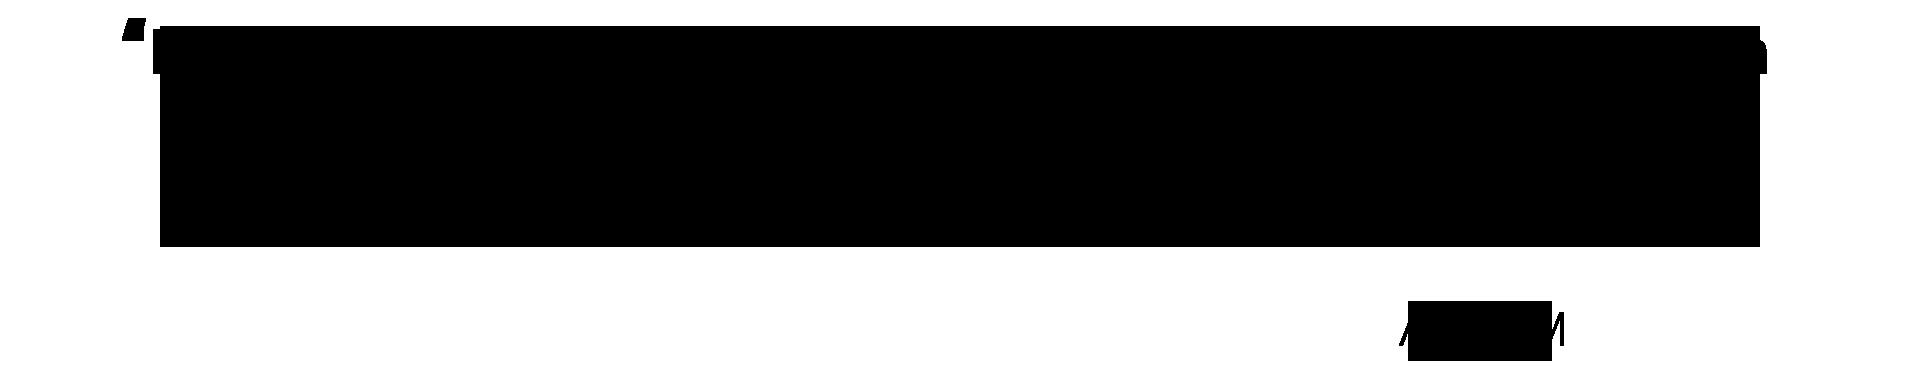 Слайд Обратной связи 1